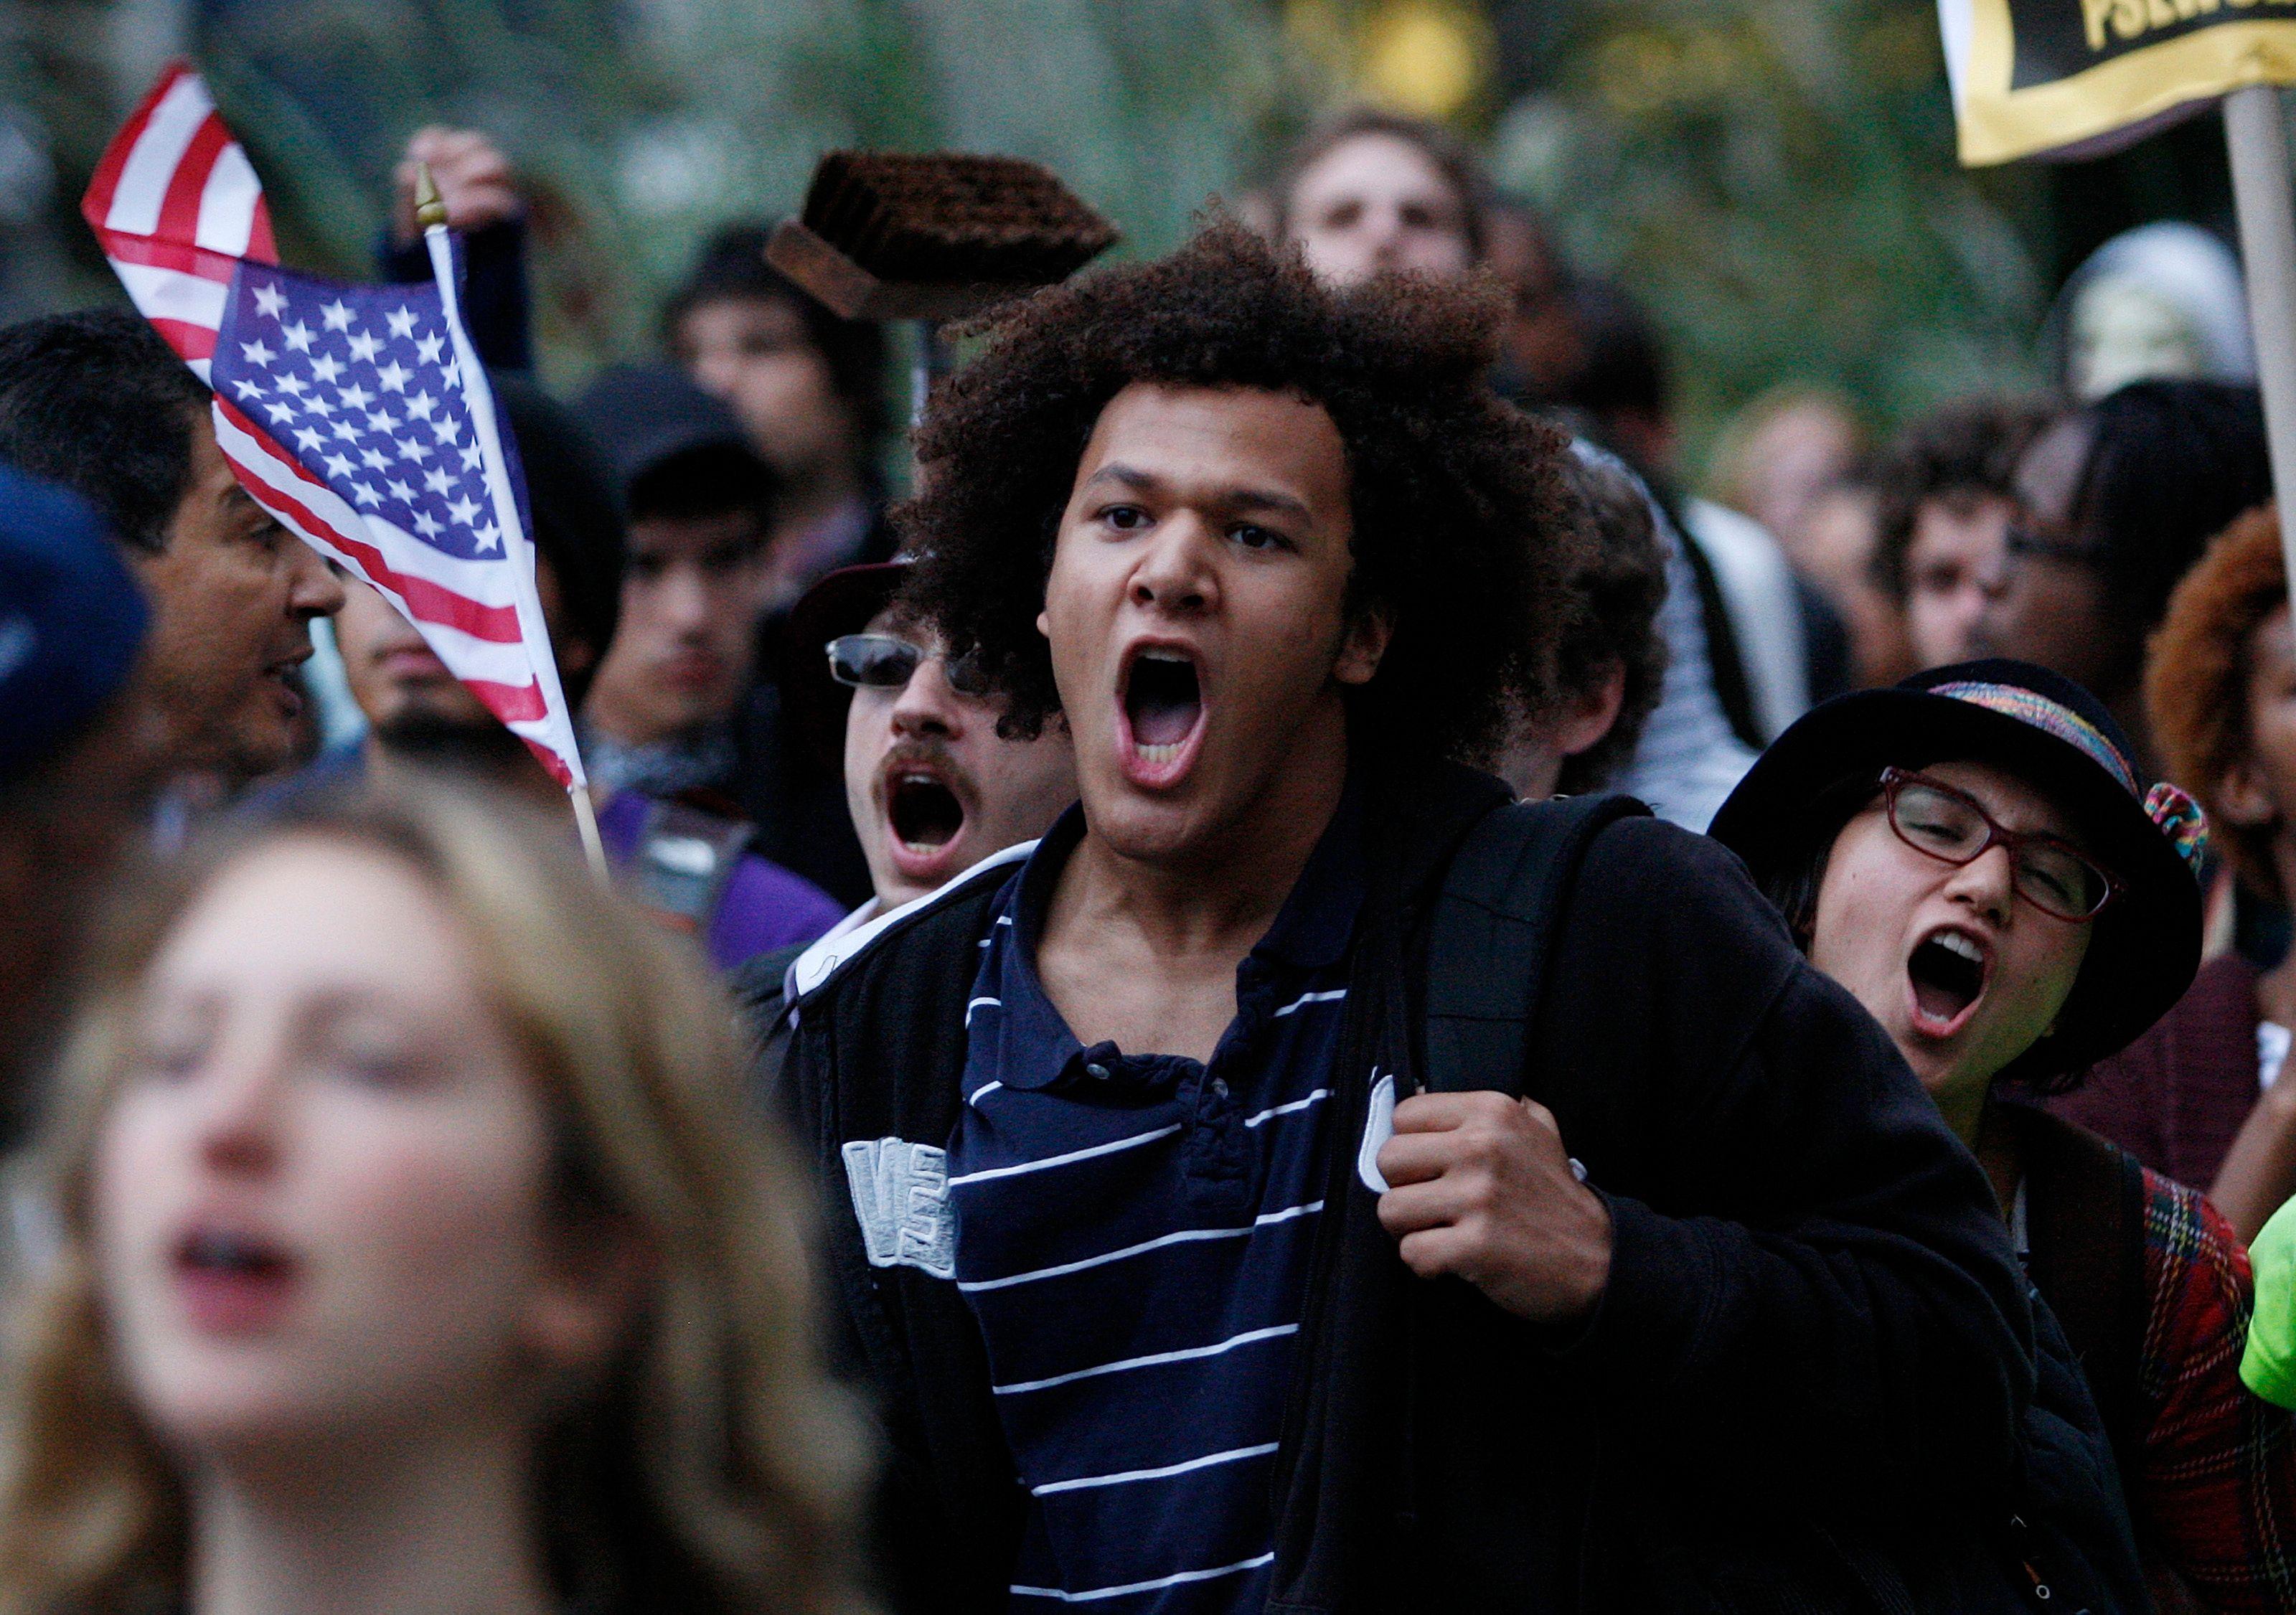 Nuit Debout à Paris, Indignés, Occupy Wall Street... pourquoi les mouvements spontanés qui se multiplient depuis l'an 2000 n'ont jamais trouvé de vrai débouché politique